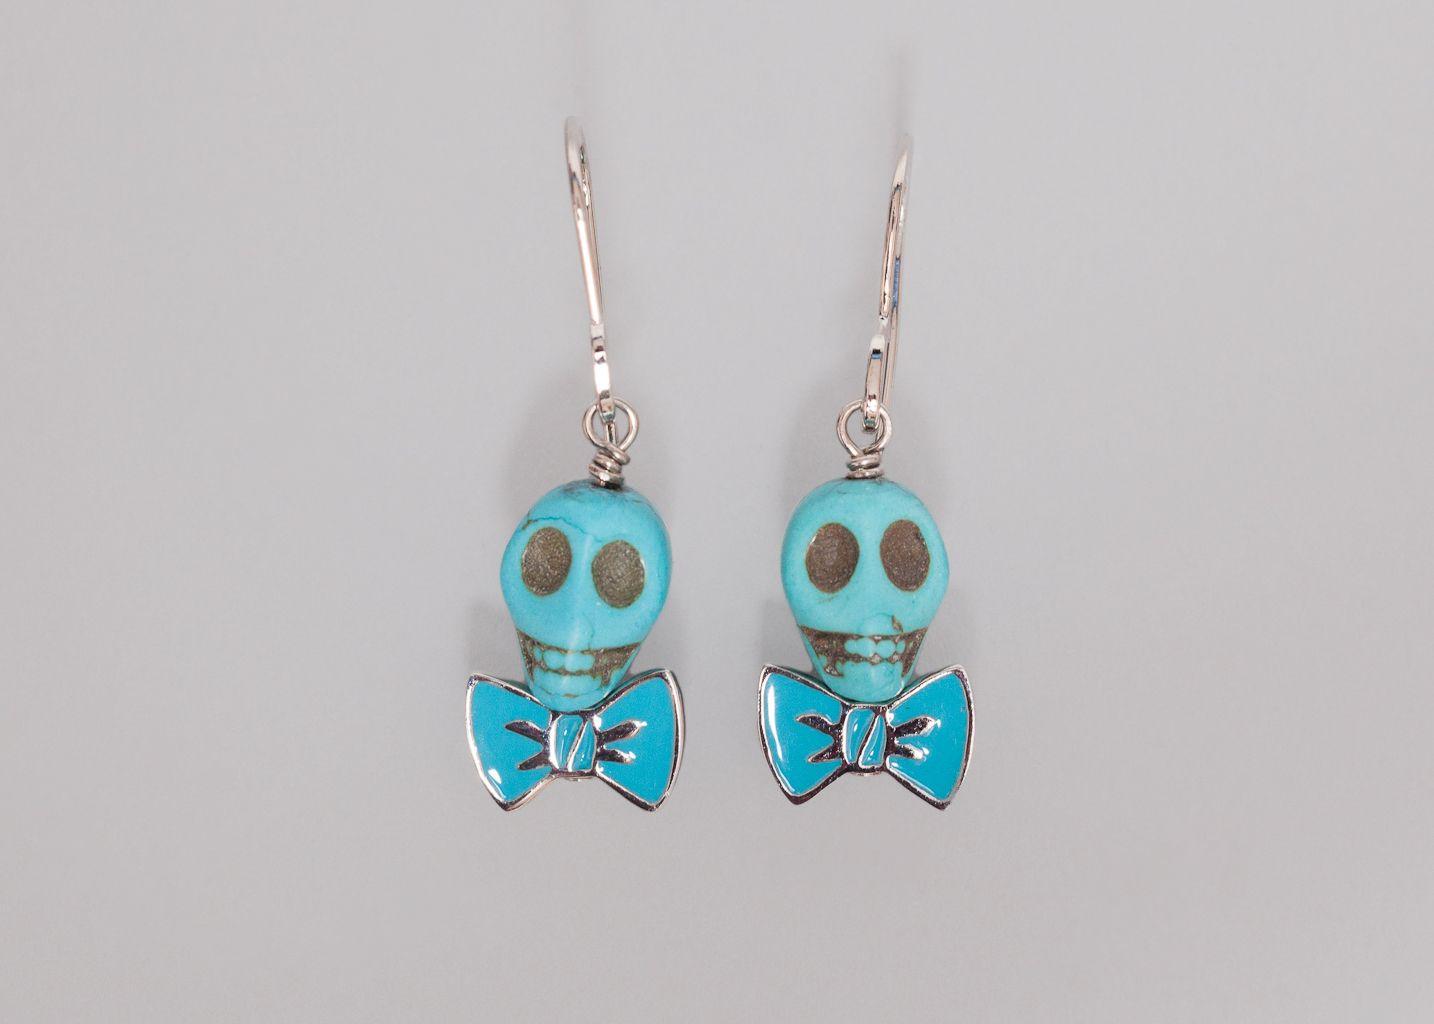 Boucles d'oreilles Skull - Alexis Mabille